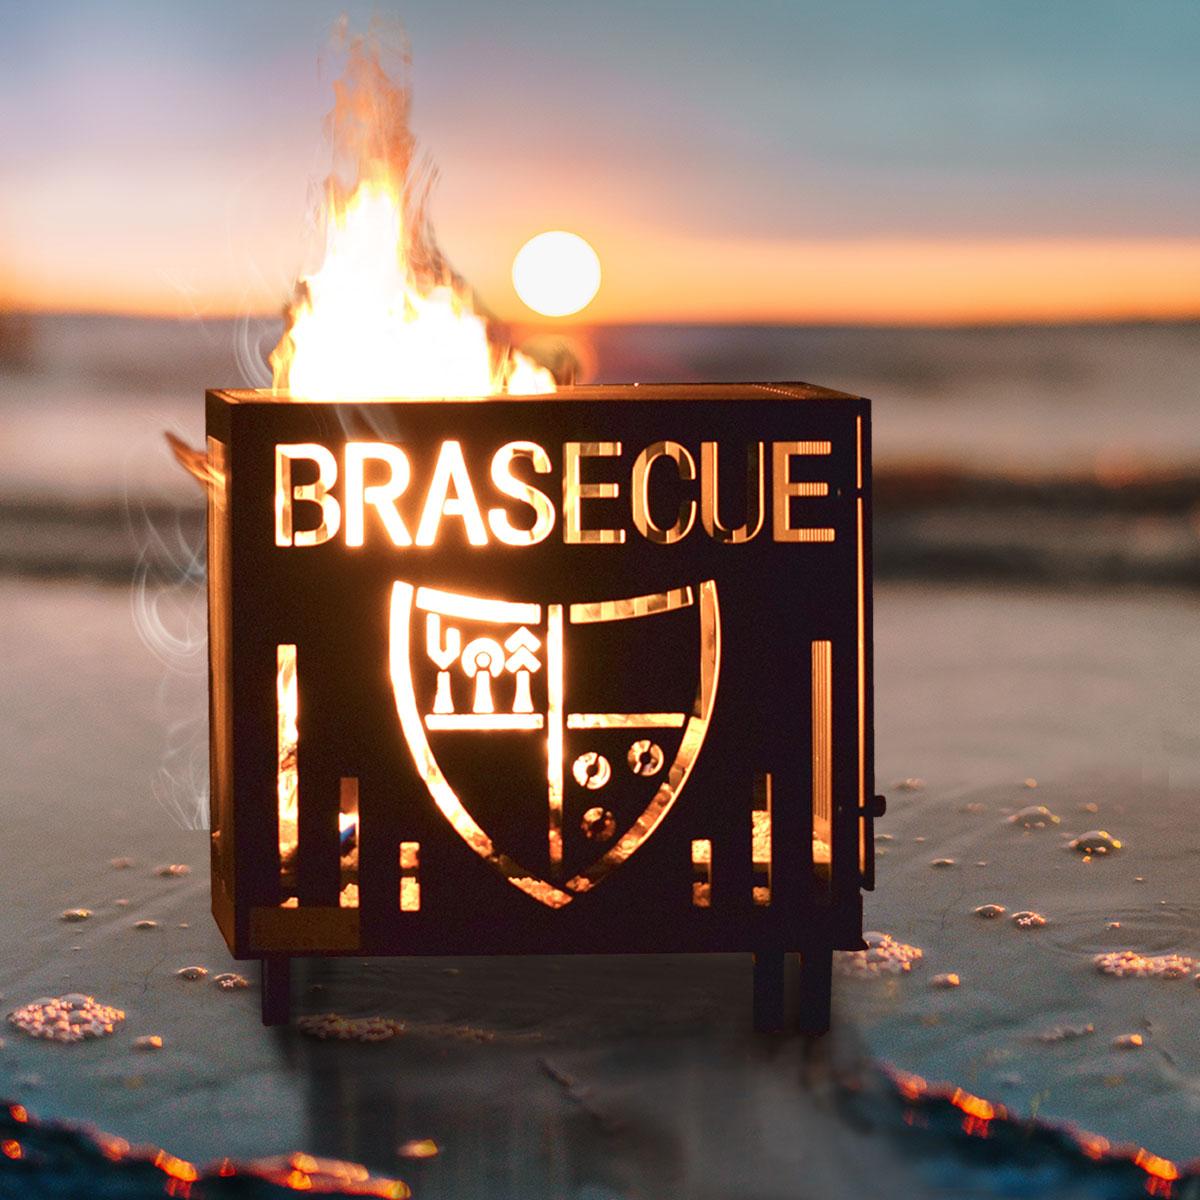 brasero de luxe sur la plage - brasecue